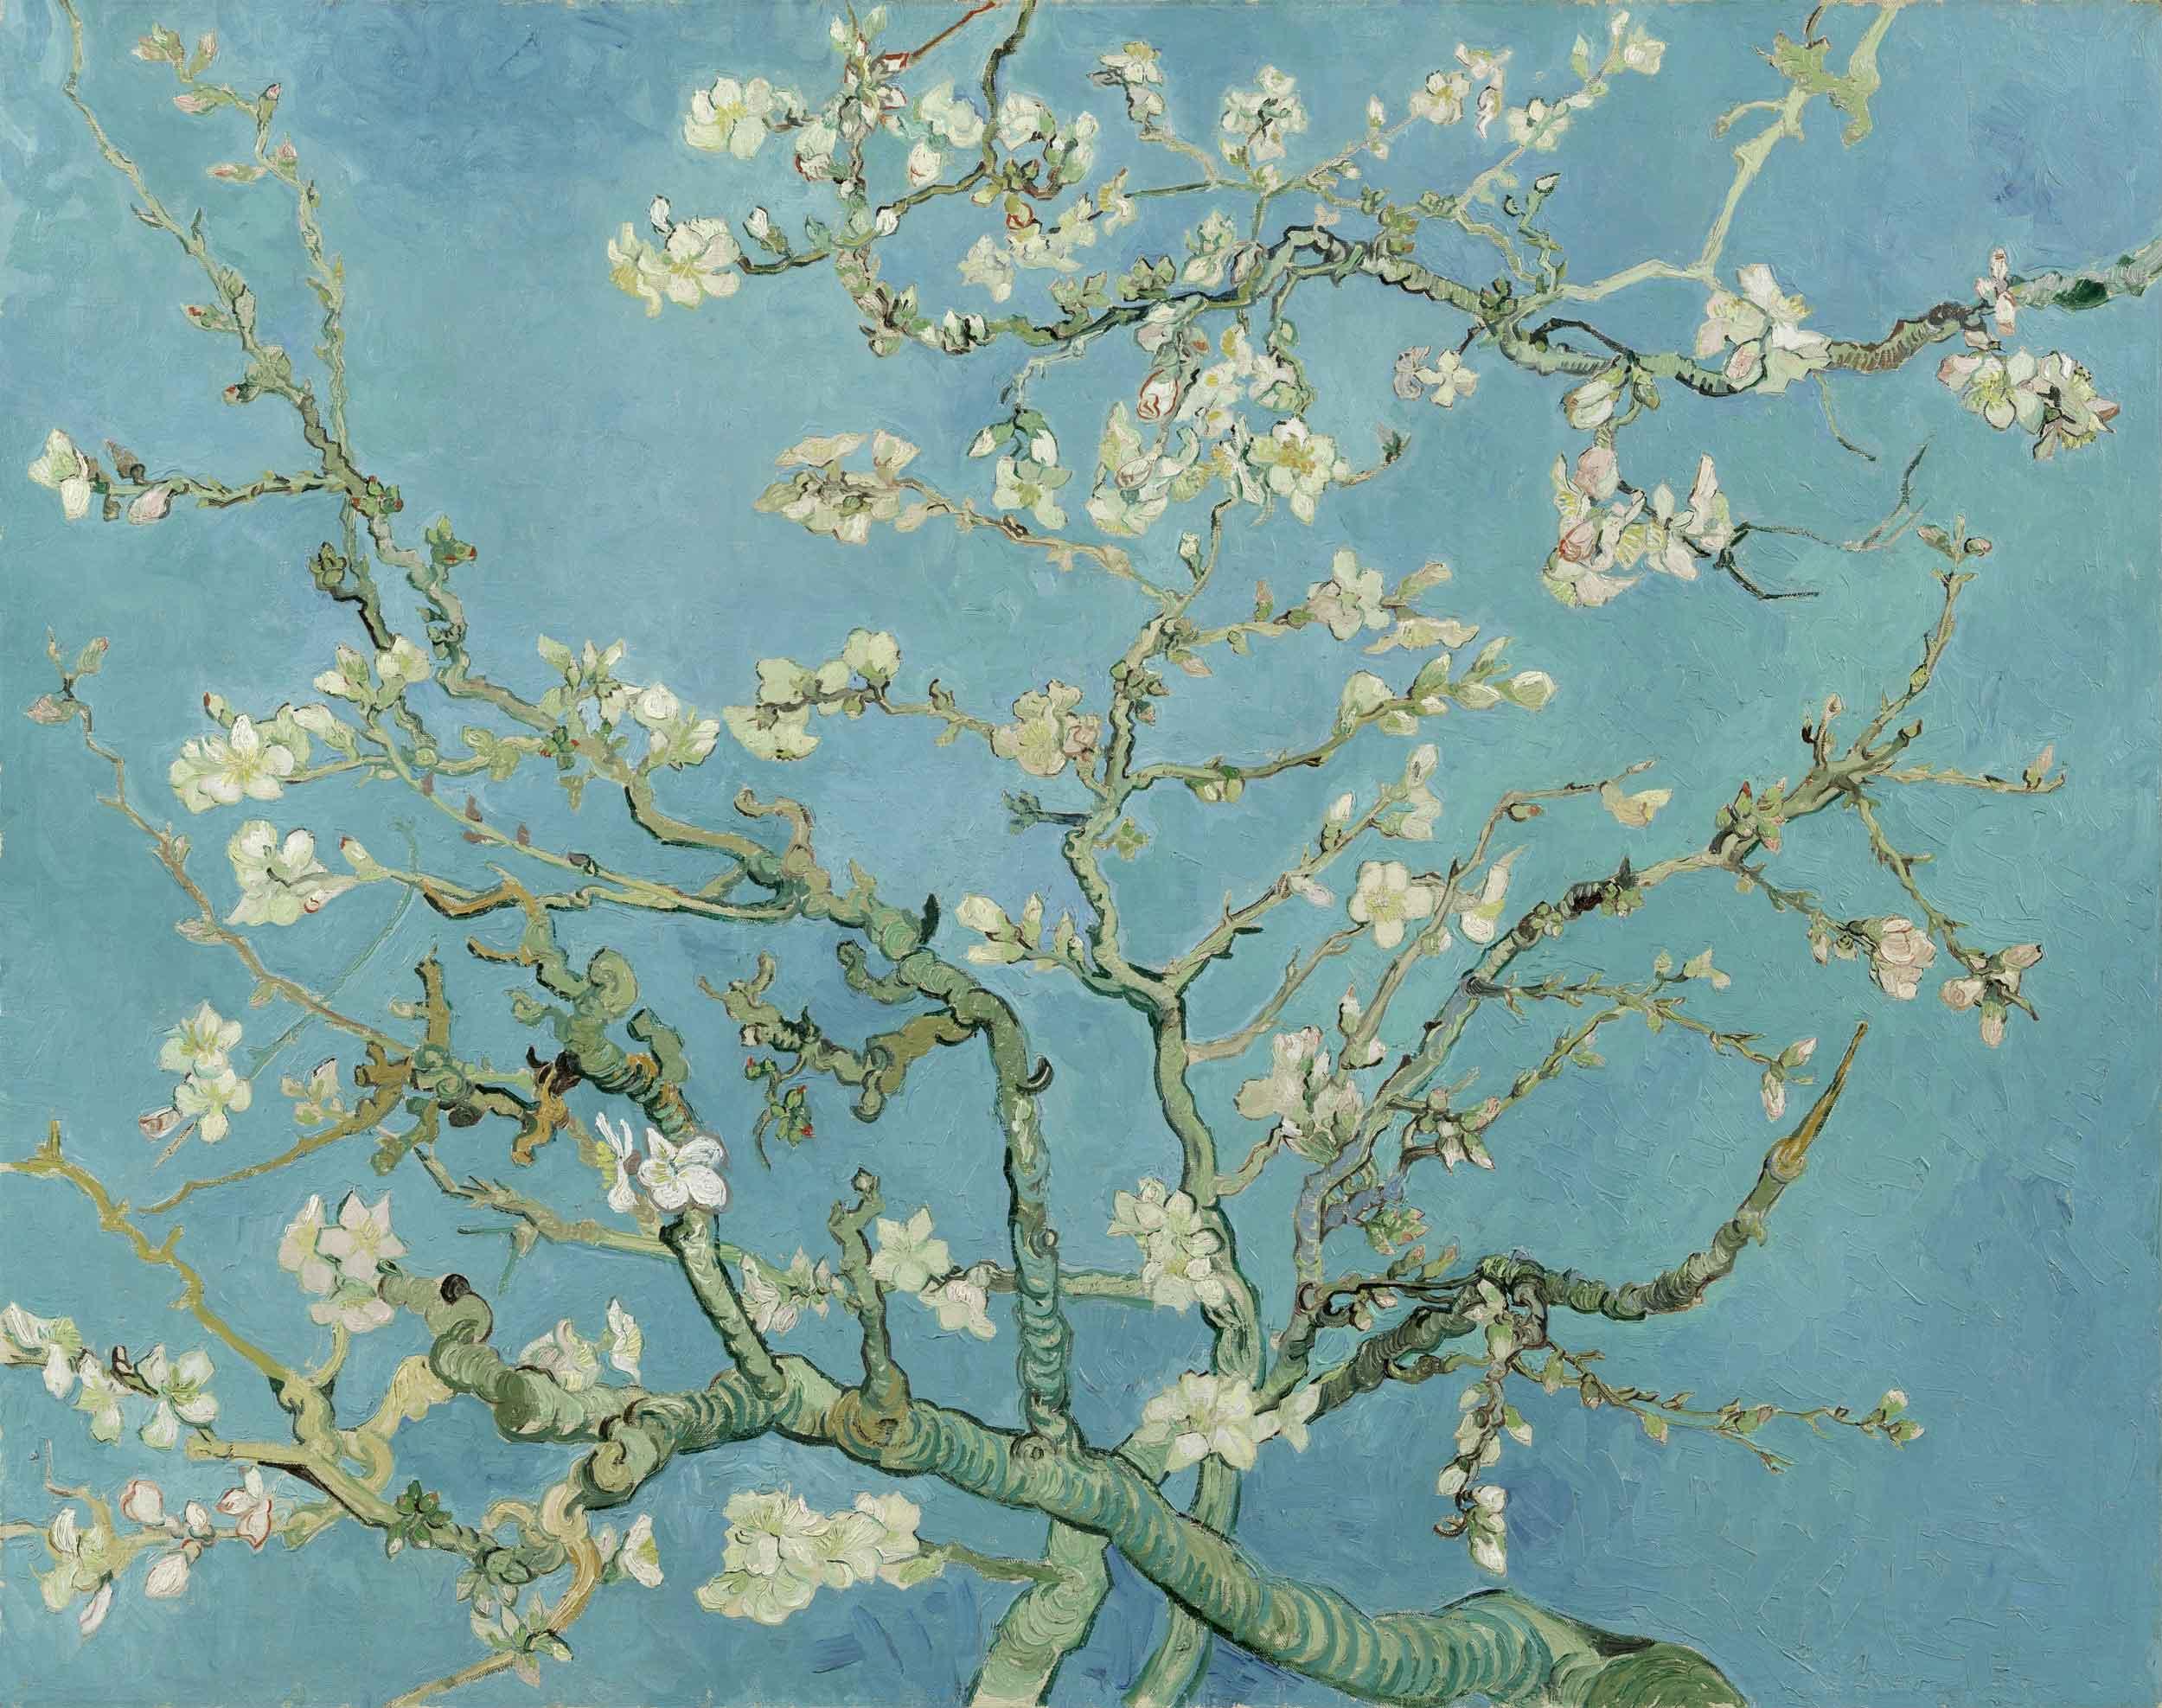 Van goghs blossoming trees tales by trees van goghs blossoming trees mightylinksfo